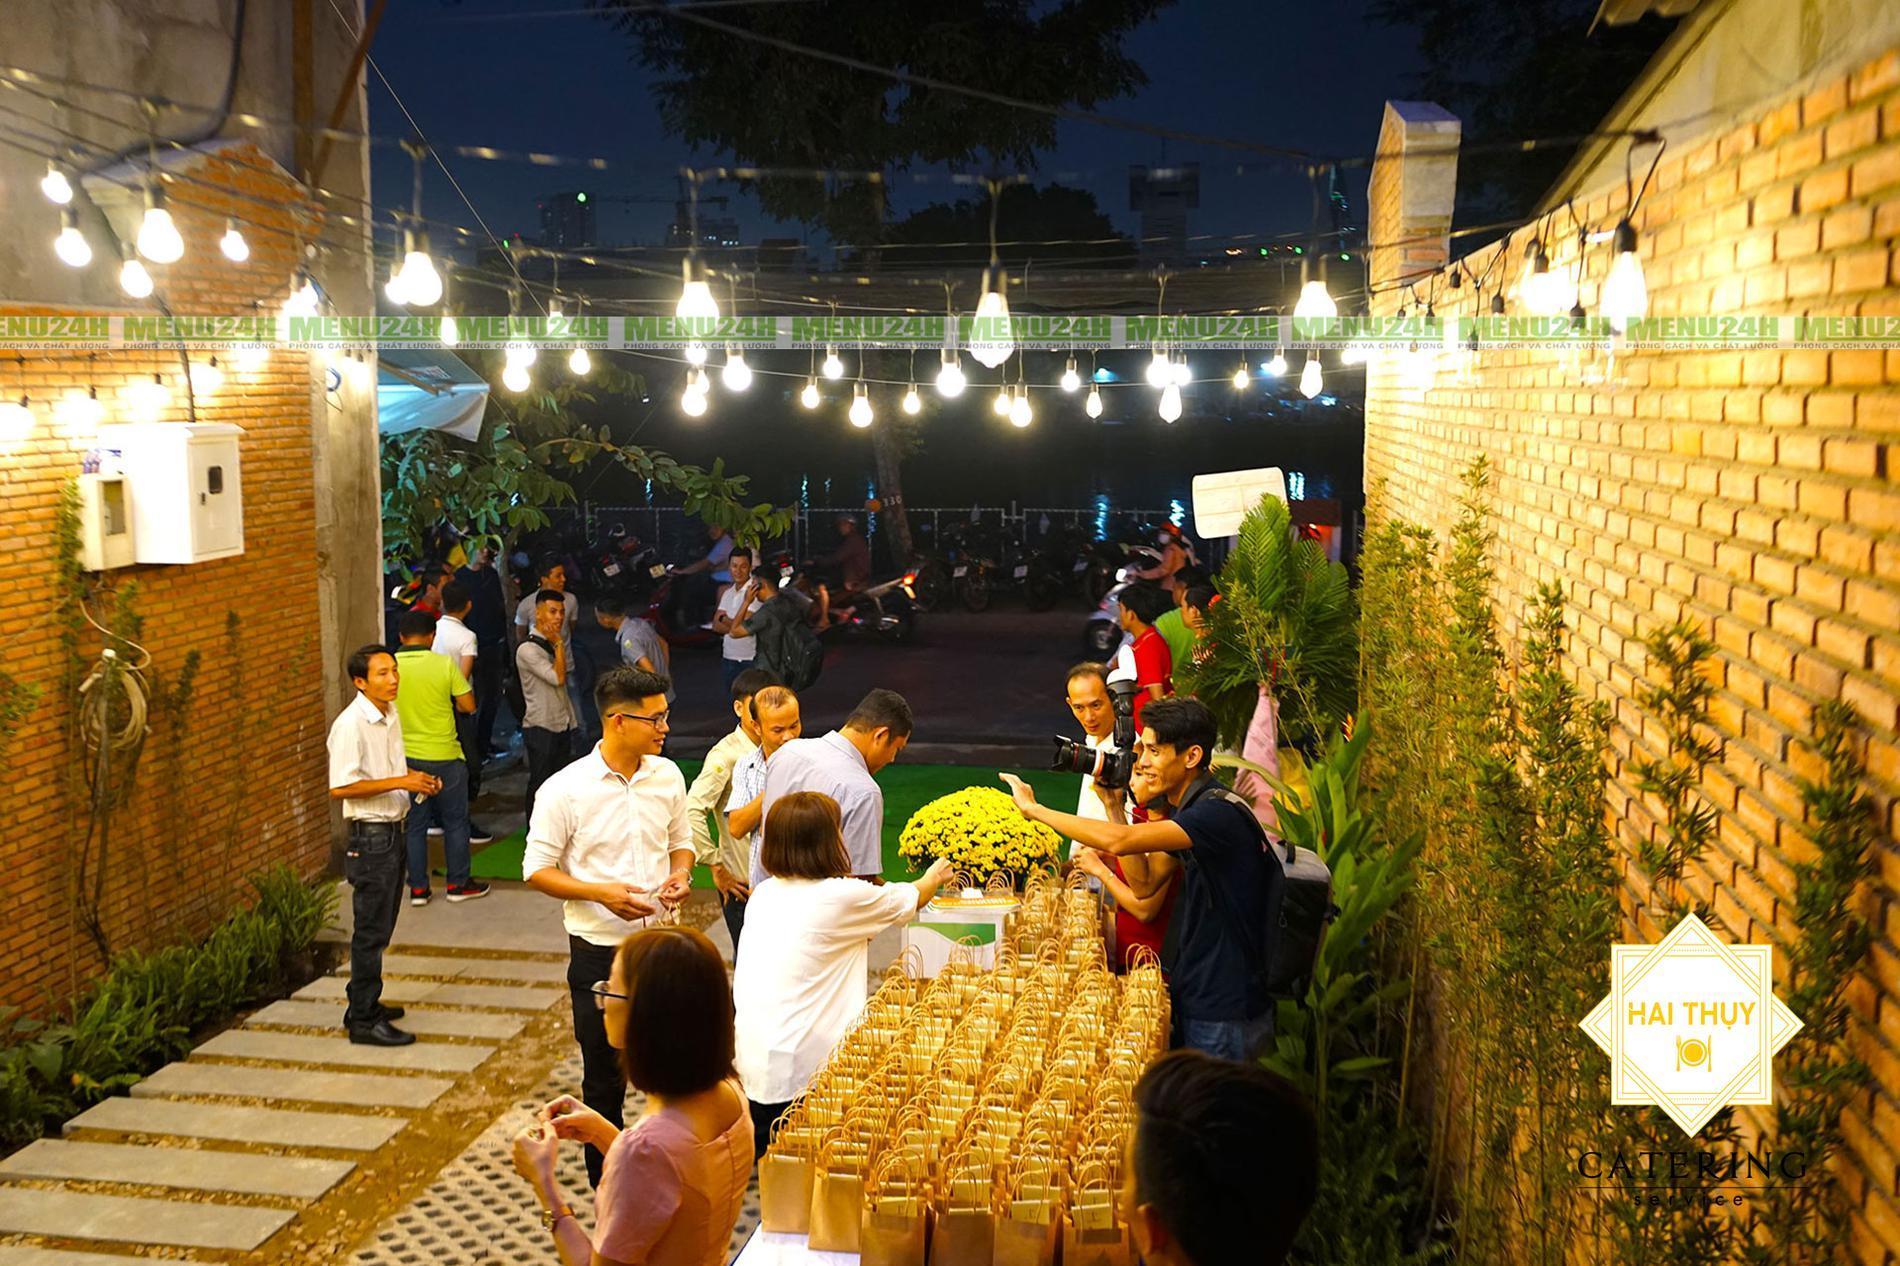 Mãn nhãn với buổi tiệc công ty chuyên nghiệp Trúc Nghinh Phong – Menu24h